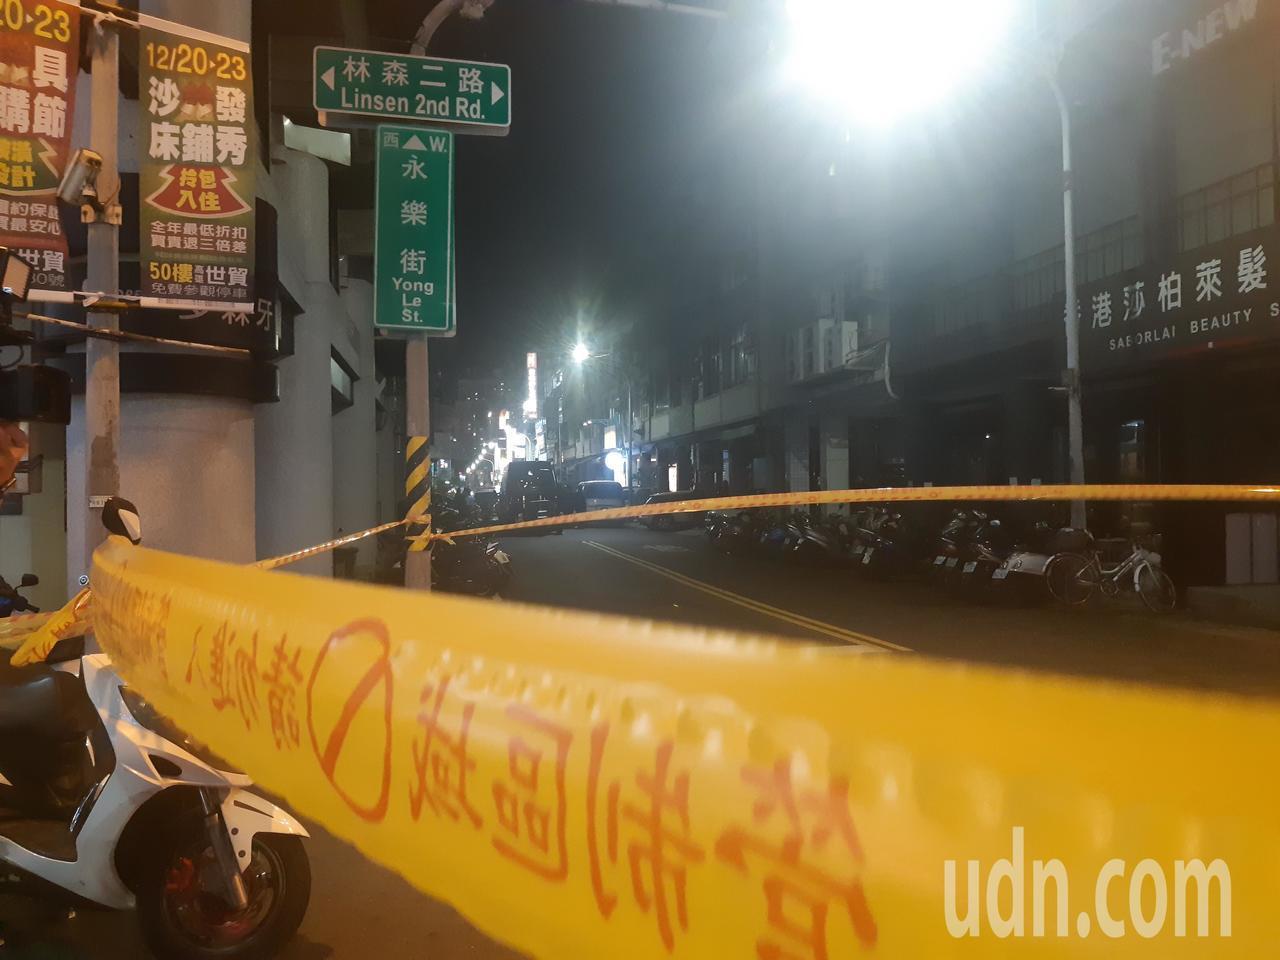 高雄民宅有可疑爆裂物犯嫌窝藏其中,警方围起封锁线。记者赖郁薇/摄影